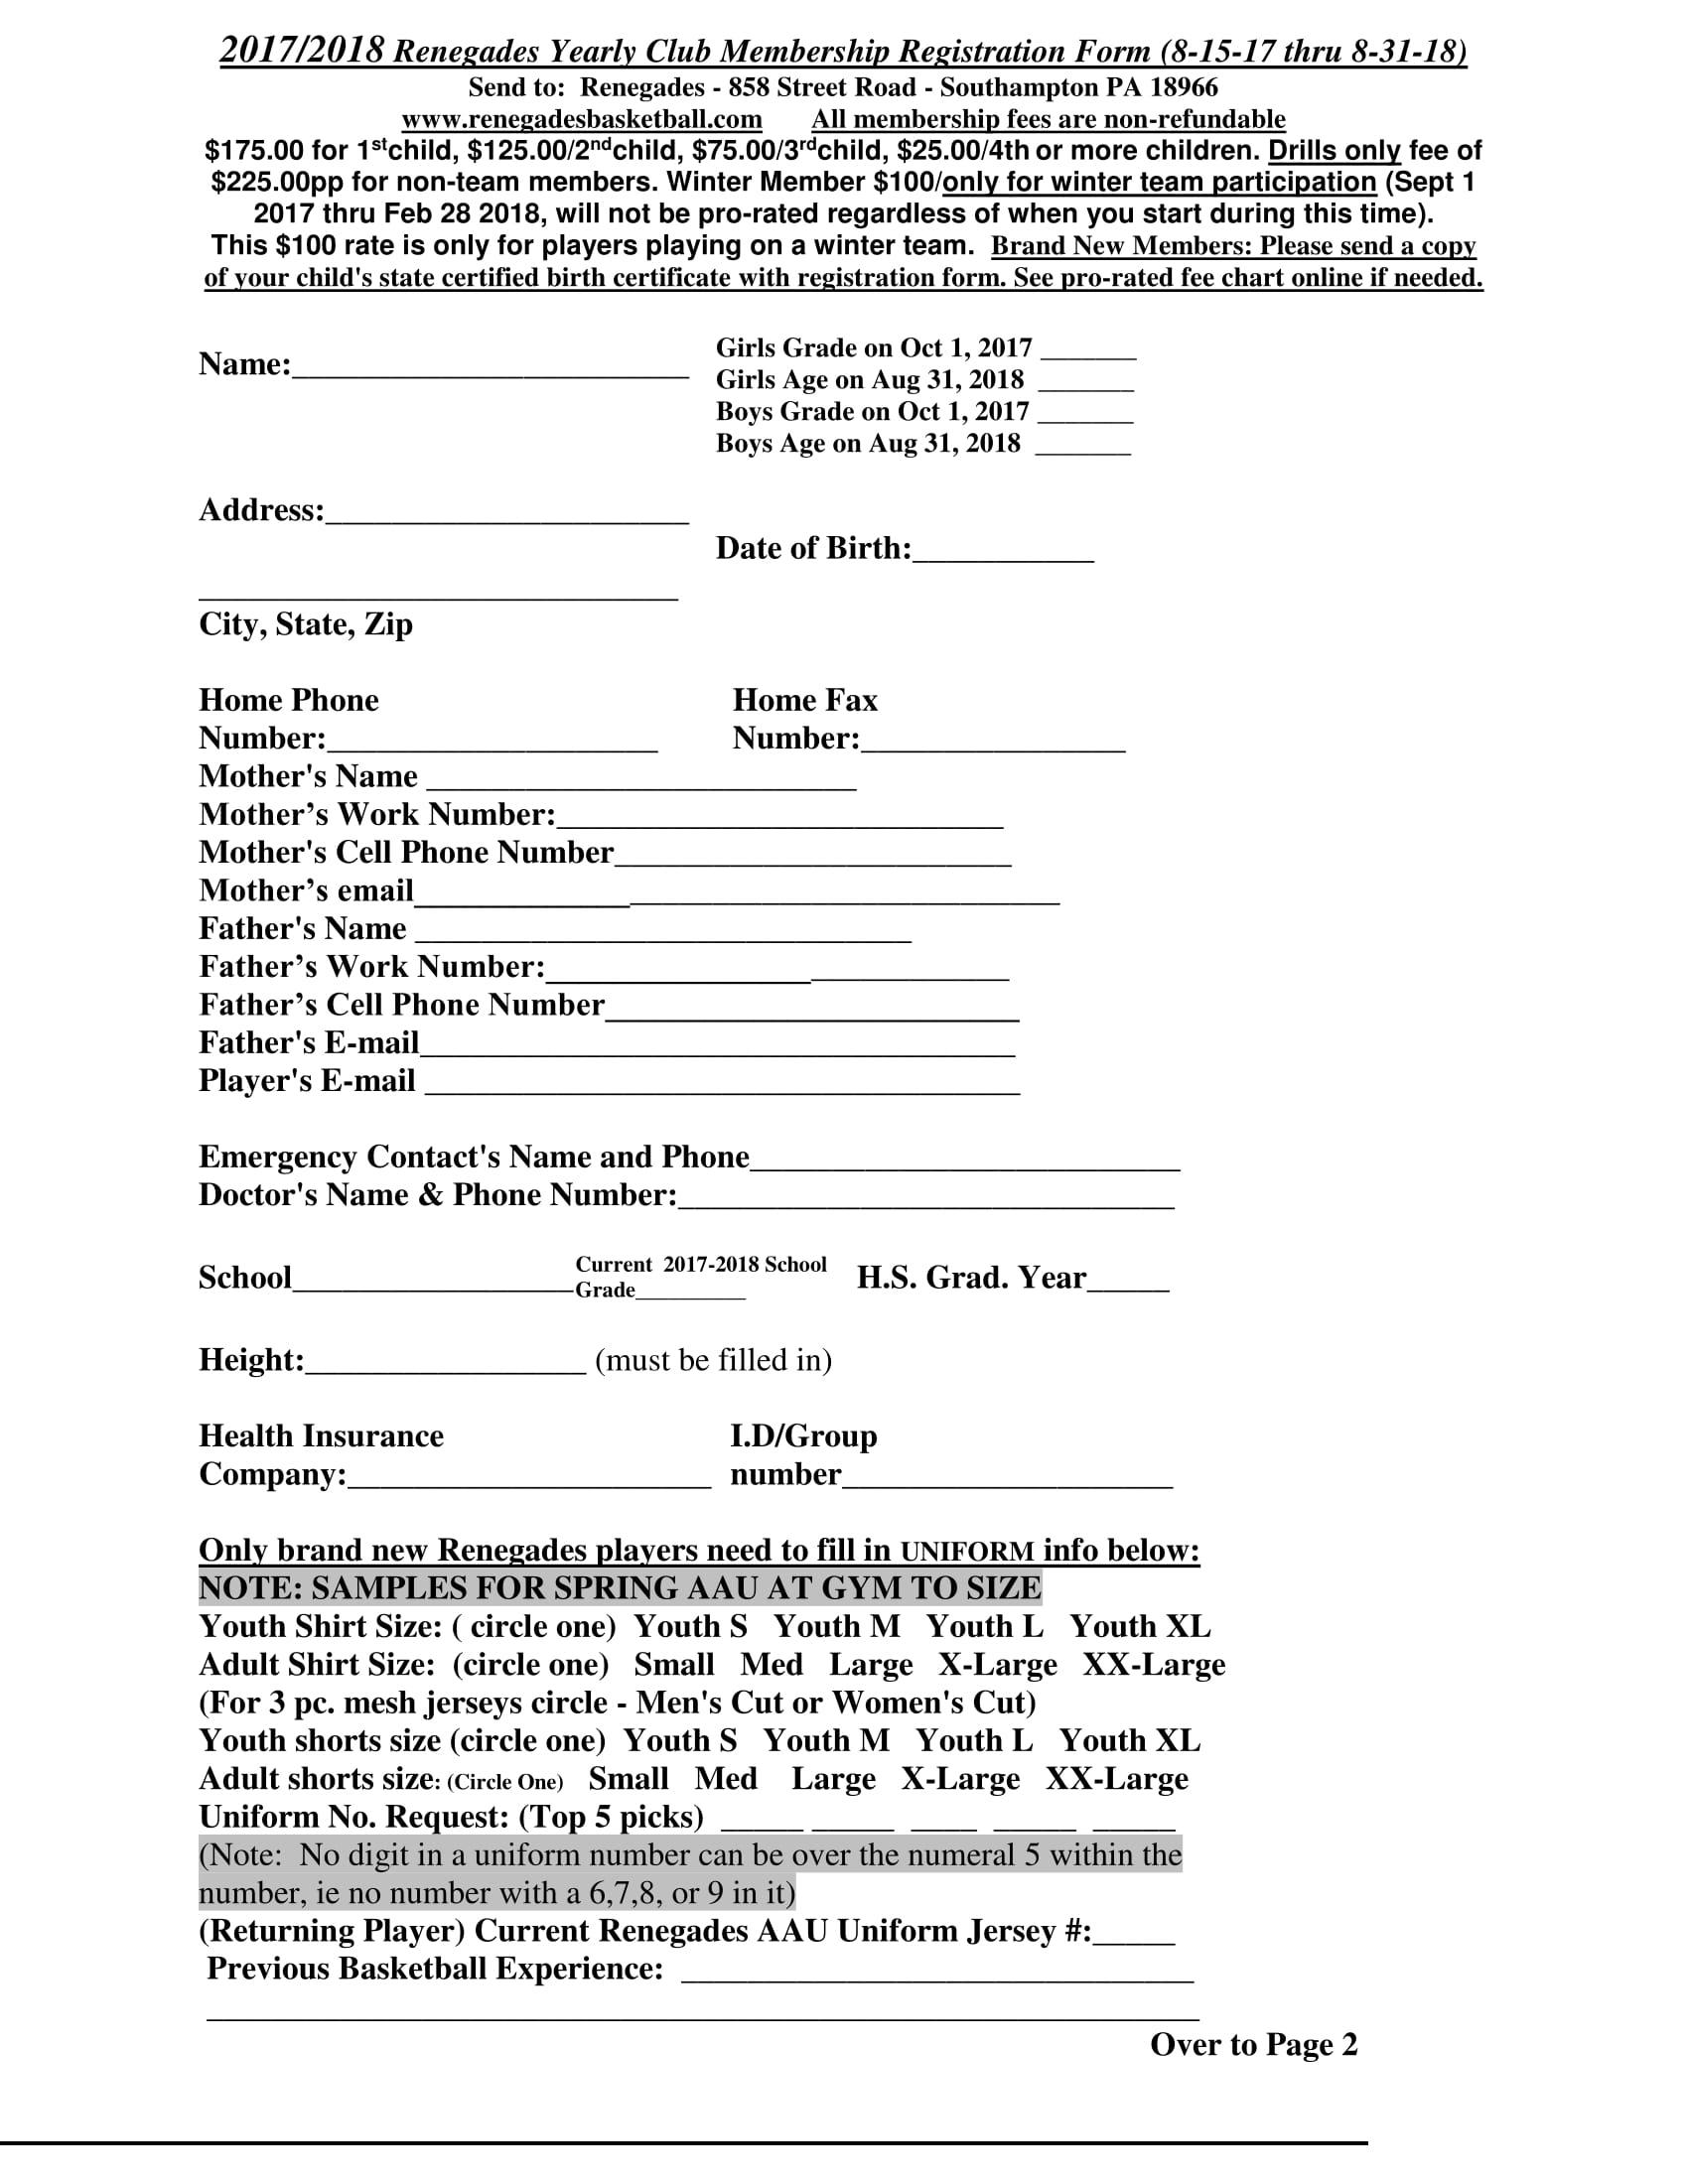 basketball club membership registration form 1